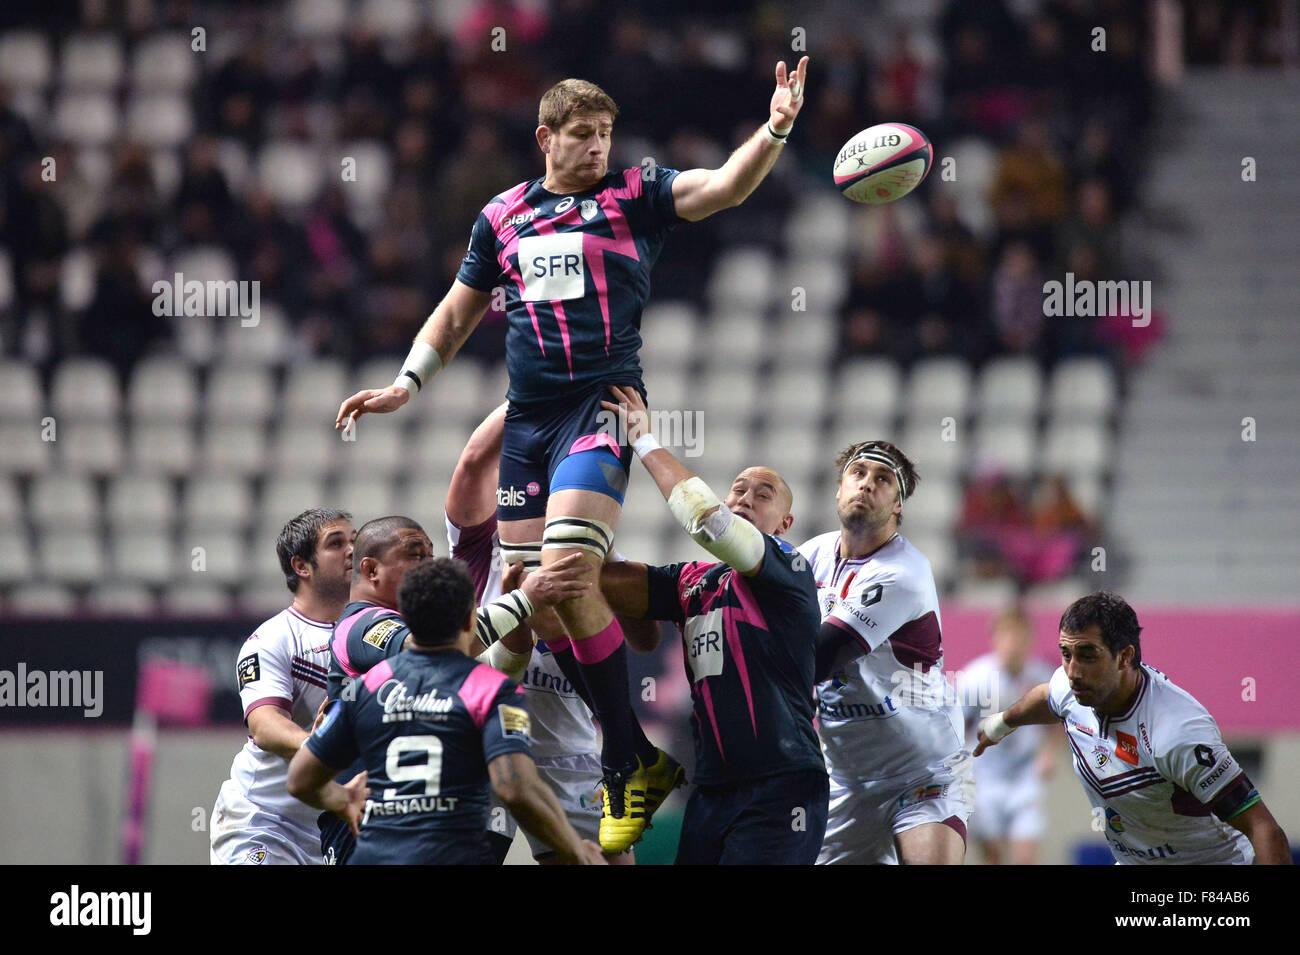 Paris, France. Le 05 mai 2015. Top 14 rugby union. Stade Francais contre Bordeaux Bègles. PASCAL PAPE (sf) Photo Stock